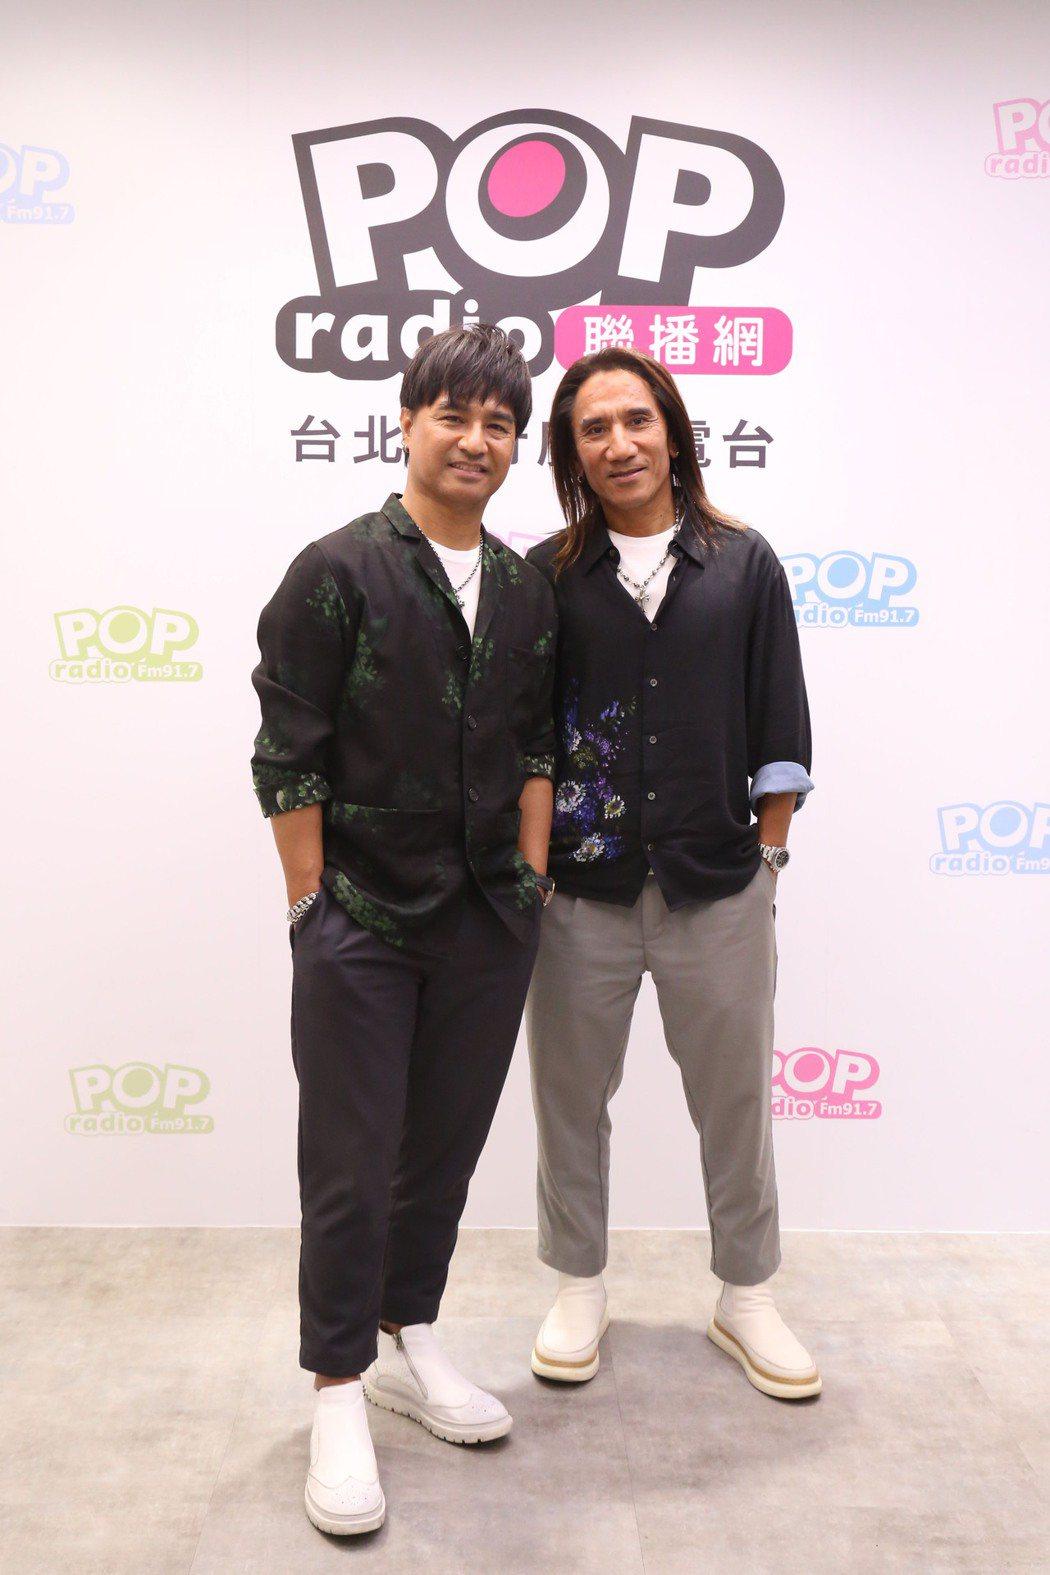 尤秋興(左)樂當動力火車顏質擔當,笑虧顏志琳是「顏值零」。圖/POP Radio